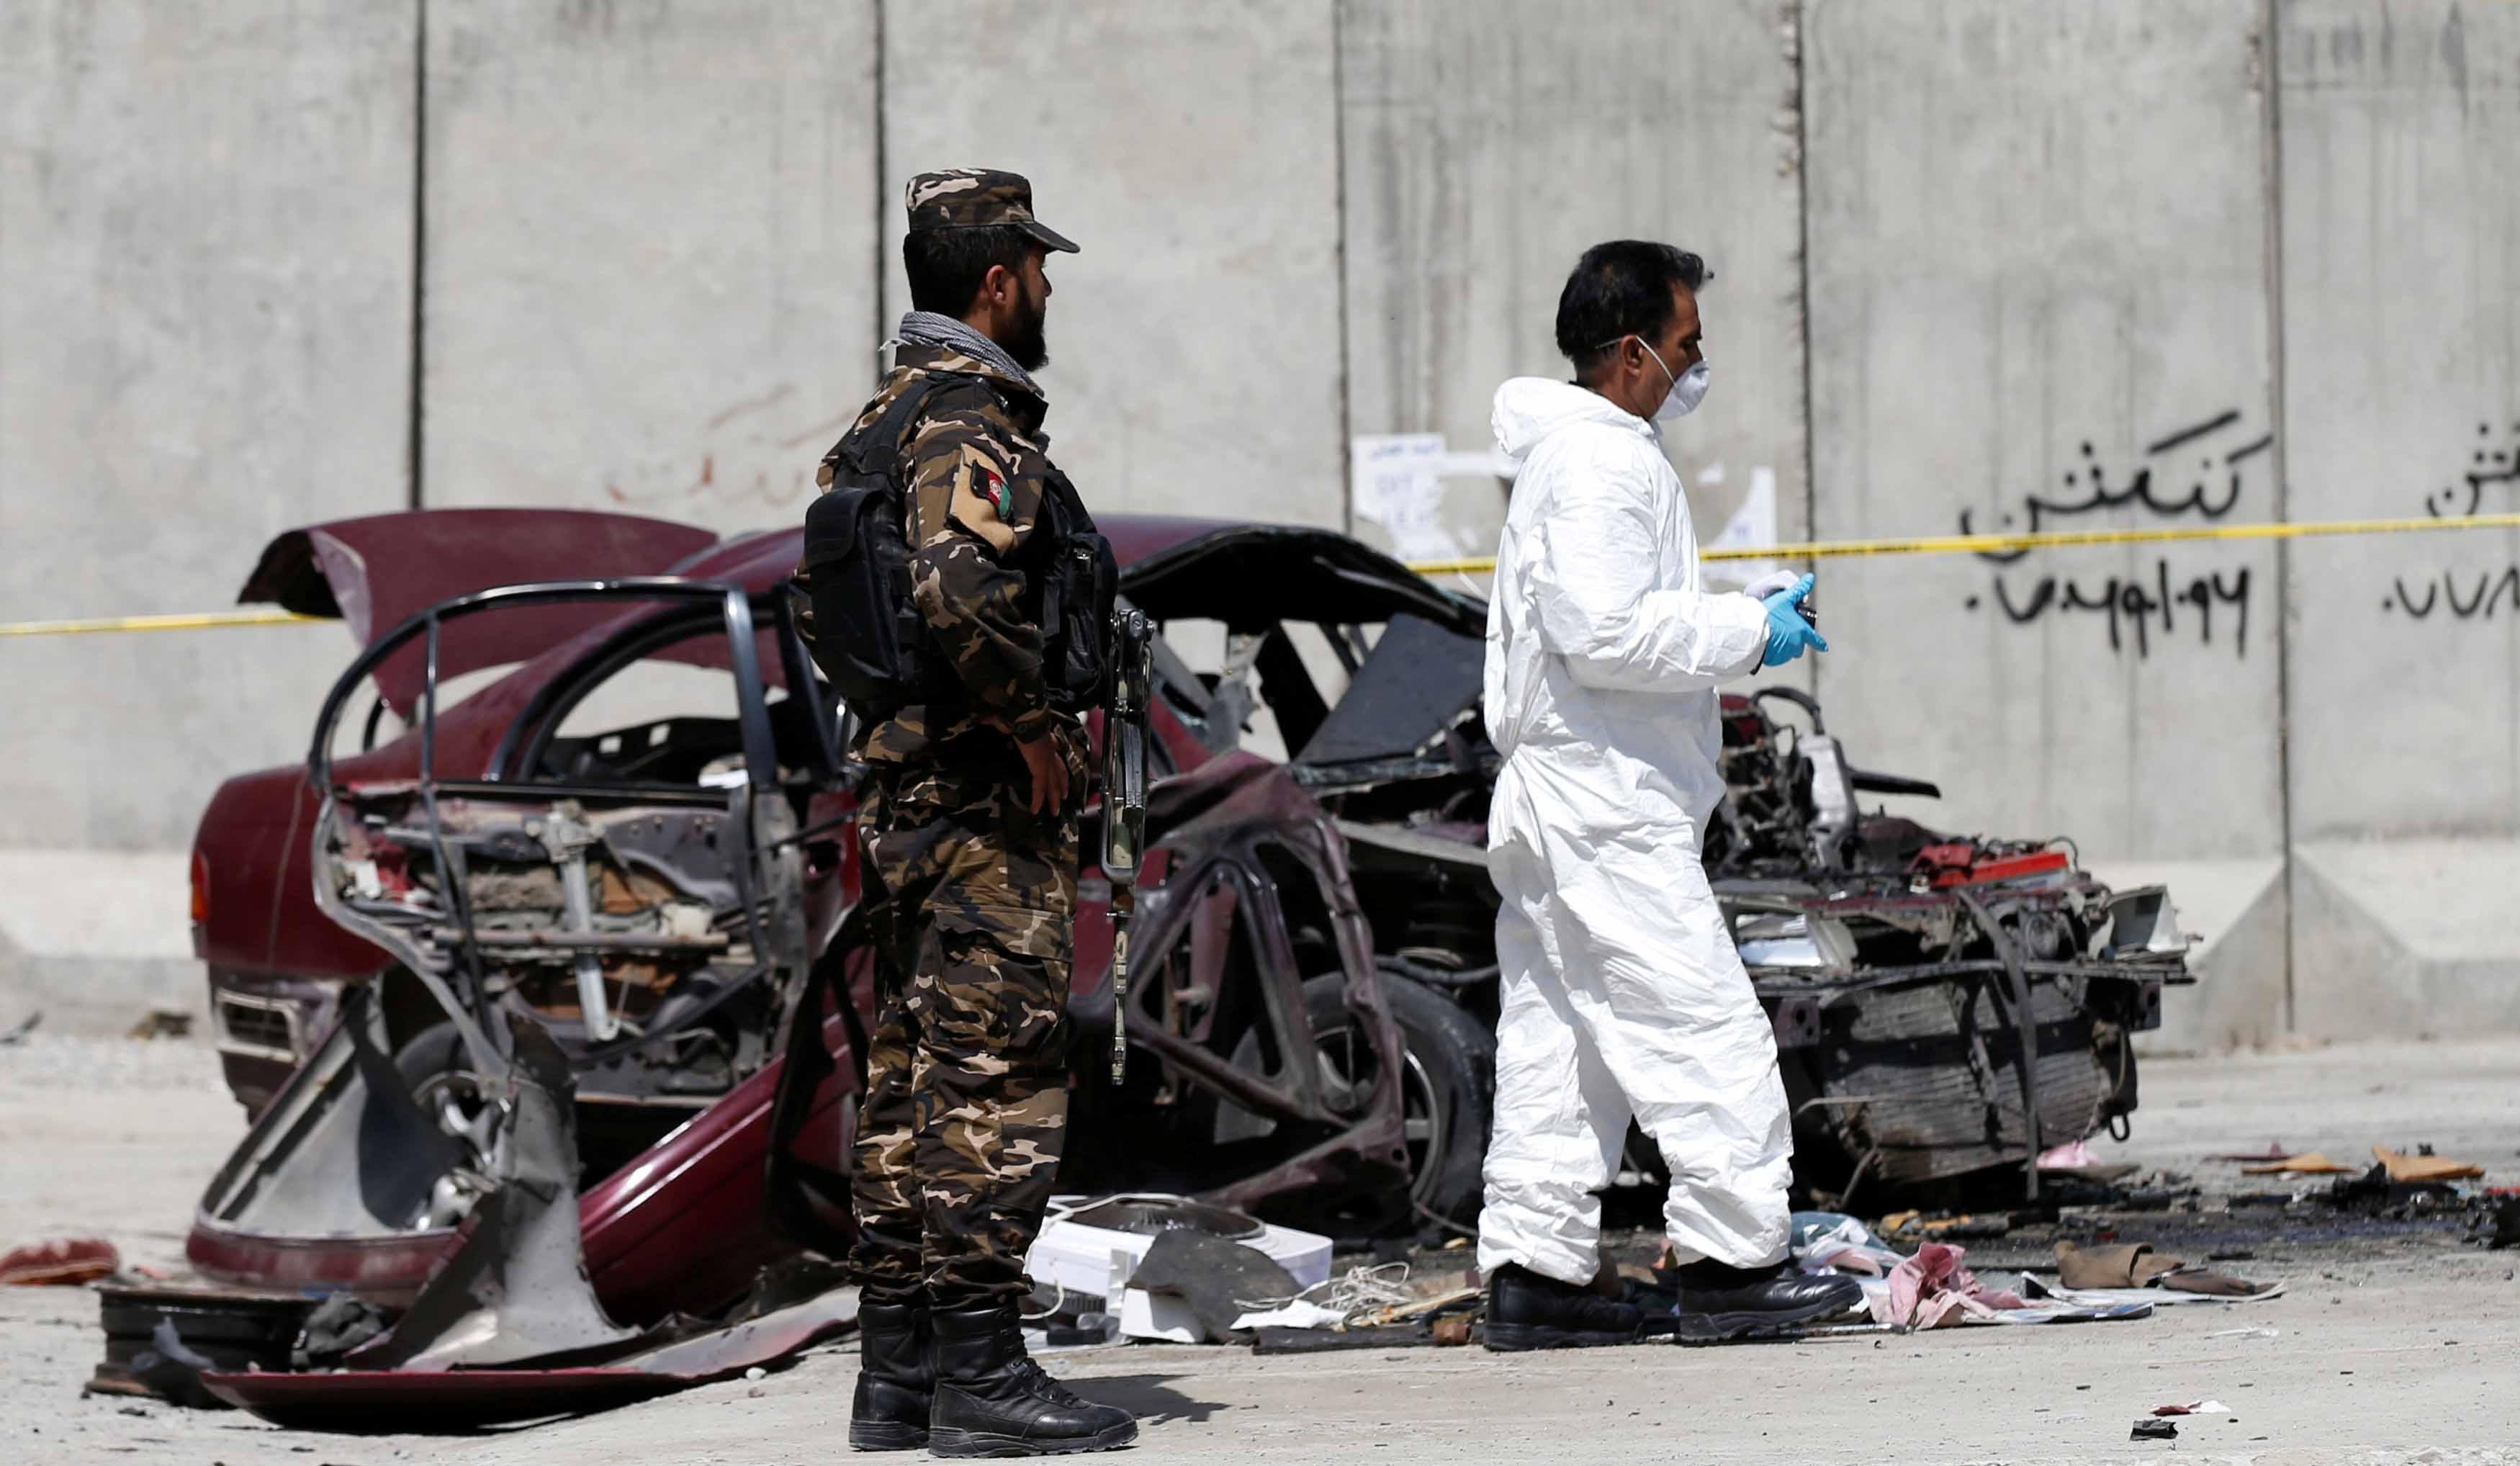 El ataque se produjo en la provincia oriental de Van del país, causado por un coche bomba que estalló frente a la oficina provincial del partido gubernamental